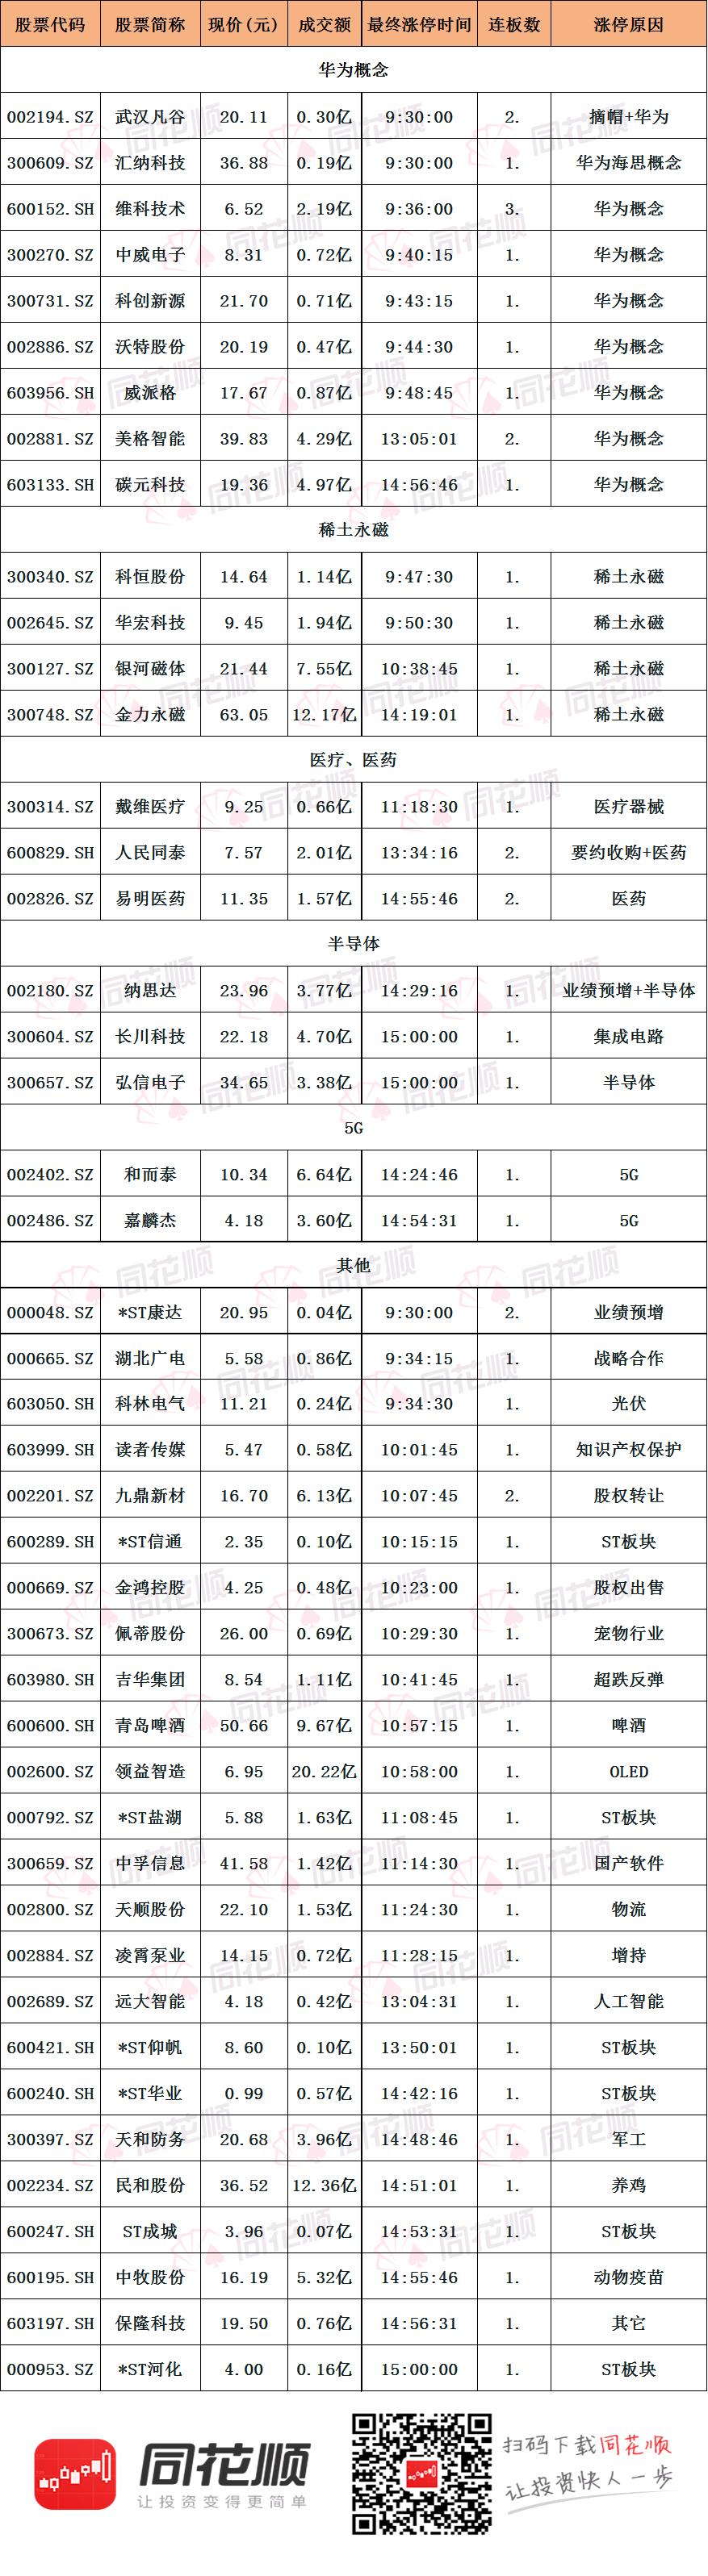 涨停复盘:指数冲高回落收涨 华为概念「文华财经app电视版」全天走强